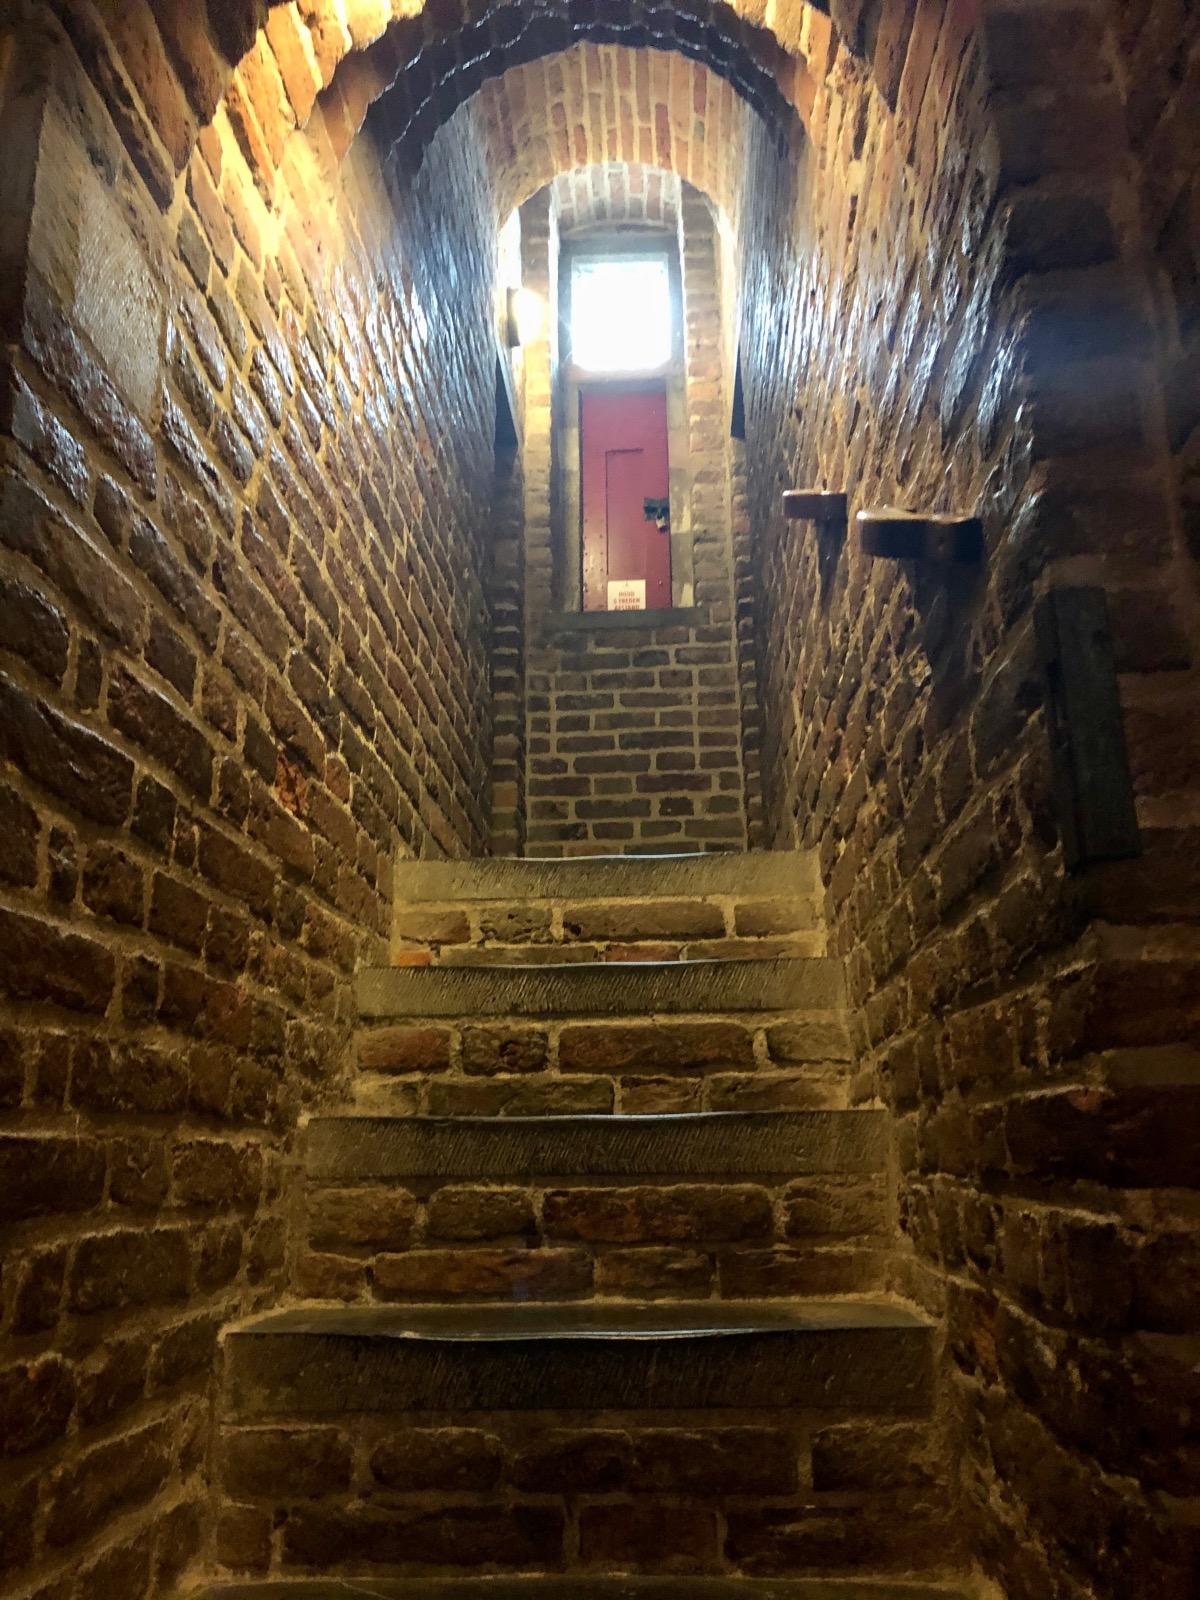 dom steps